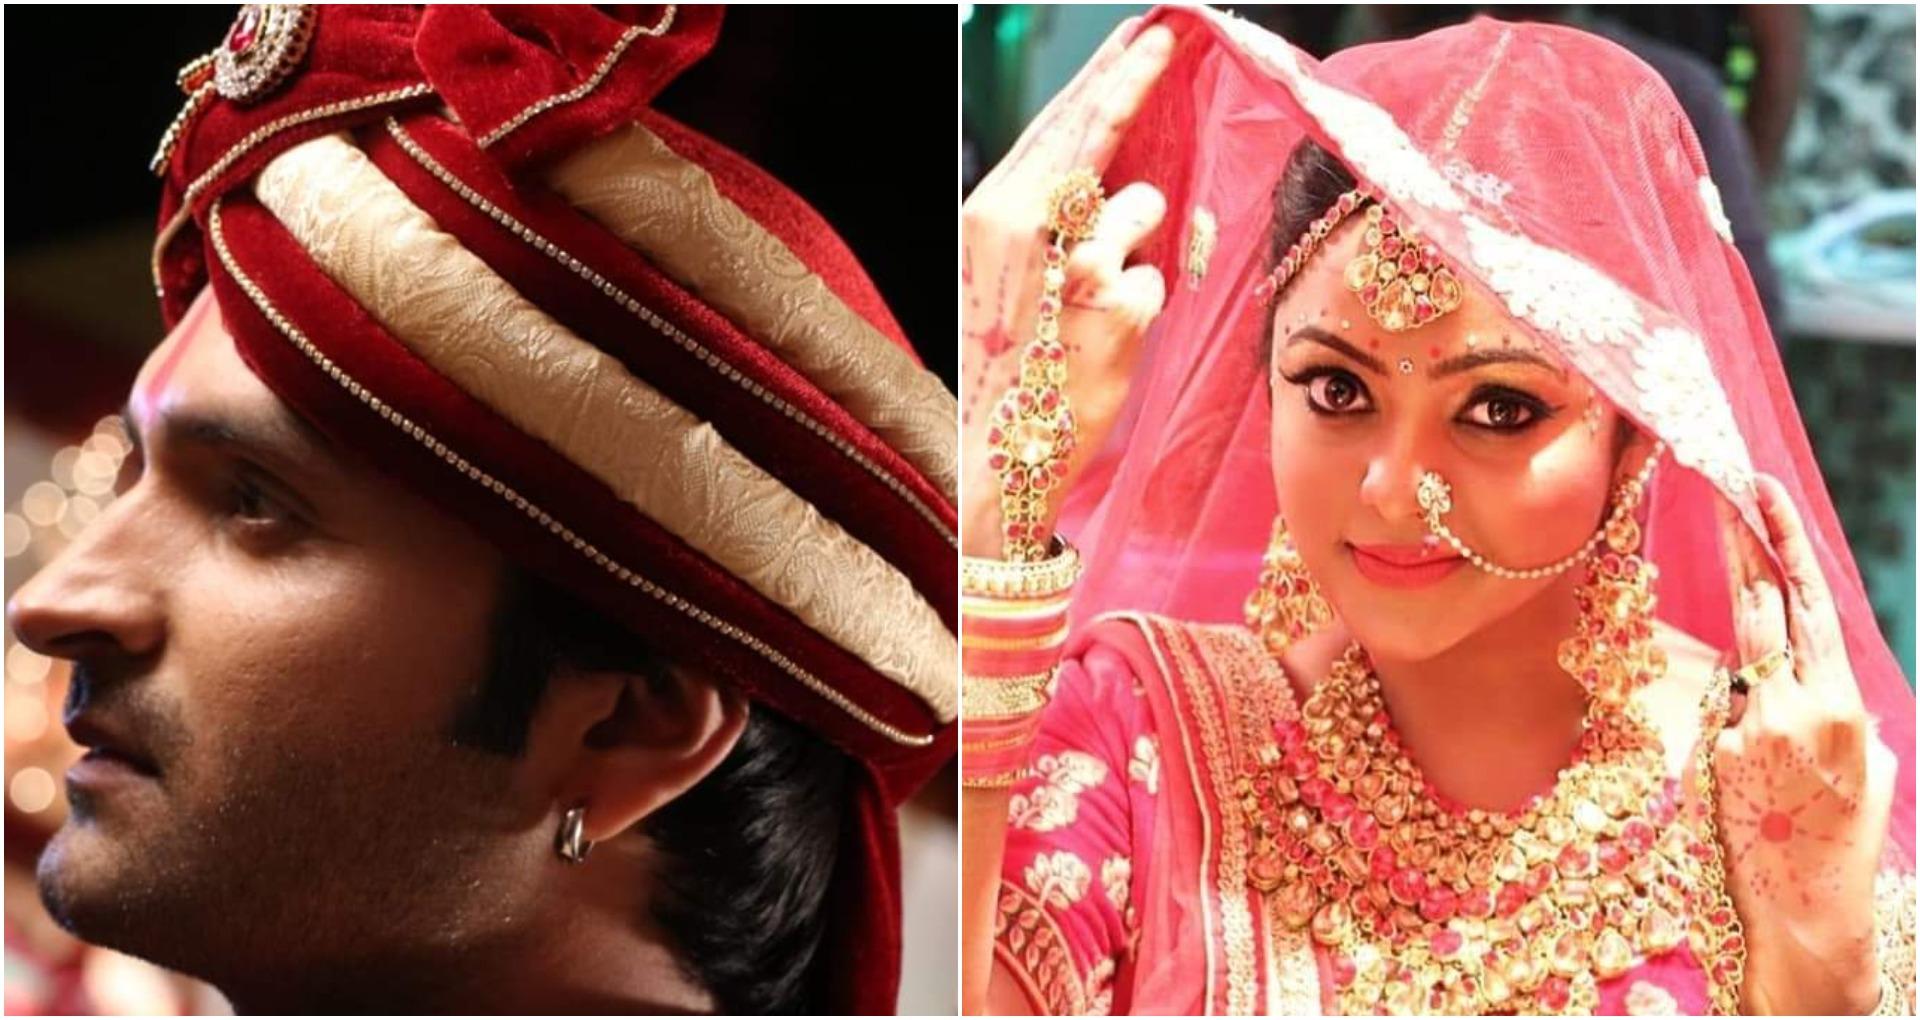 भोजपुरी फ़िल्म दिल का रिश्ता की शूटिंग हुई खत्म, कुणाल तिवारी बने दूल्हा तो काजल यादव दुल्हन अवतार में दिखीं